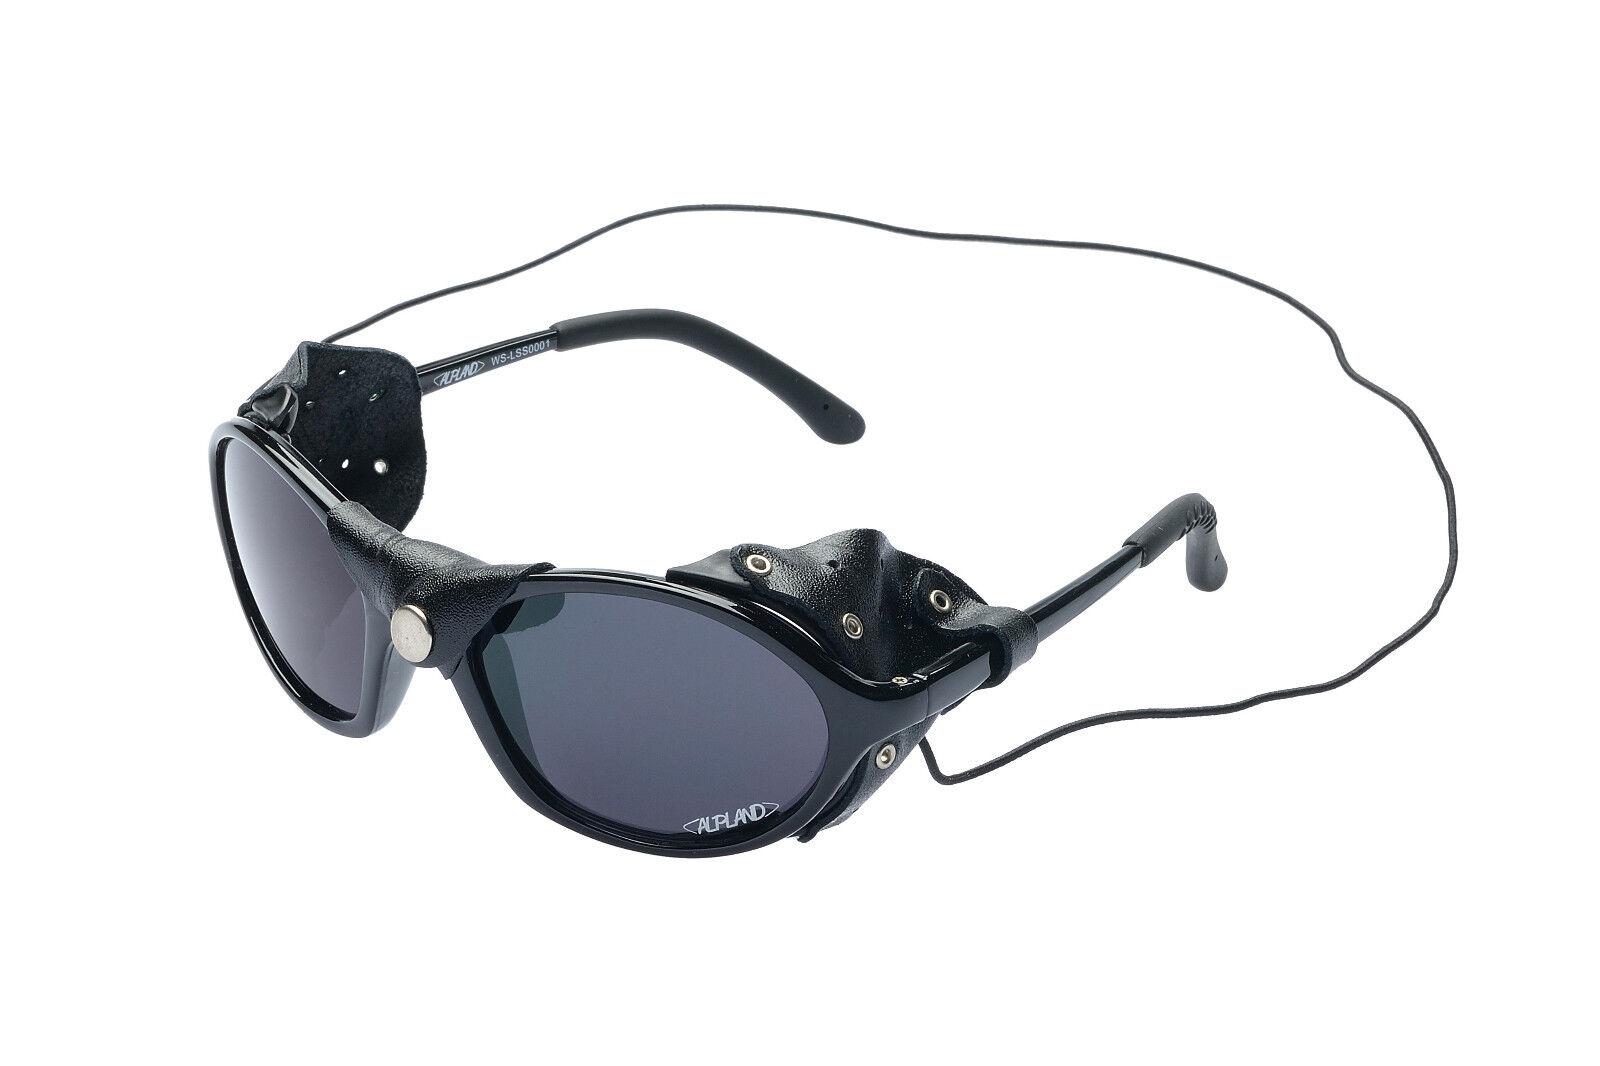 Alpland Bergbrille Damenbrille Frauenbrille Gletscherbrille Frauen Schutzbrille